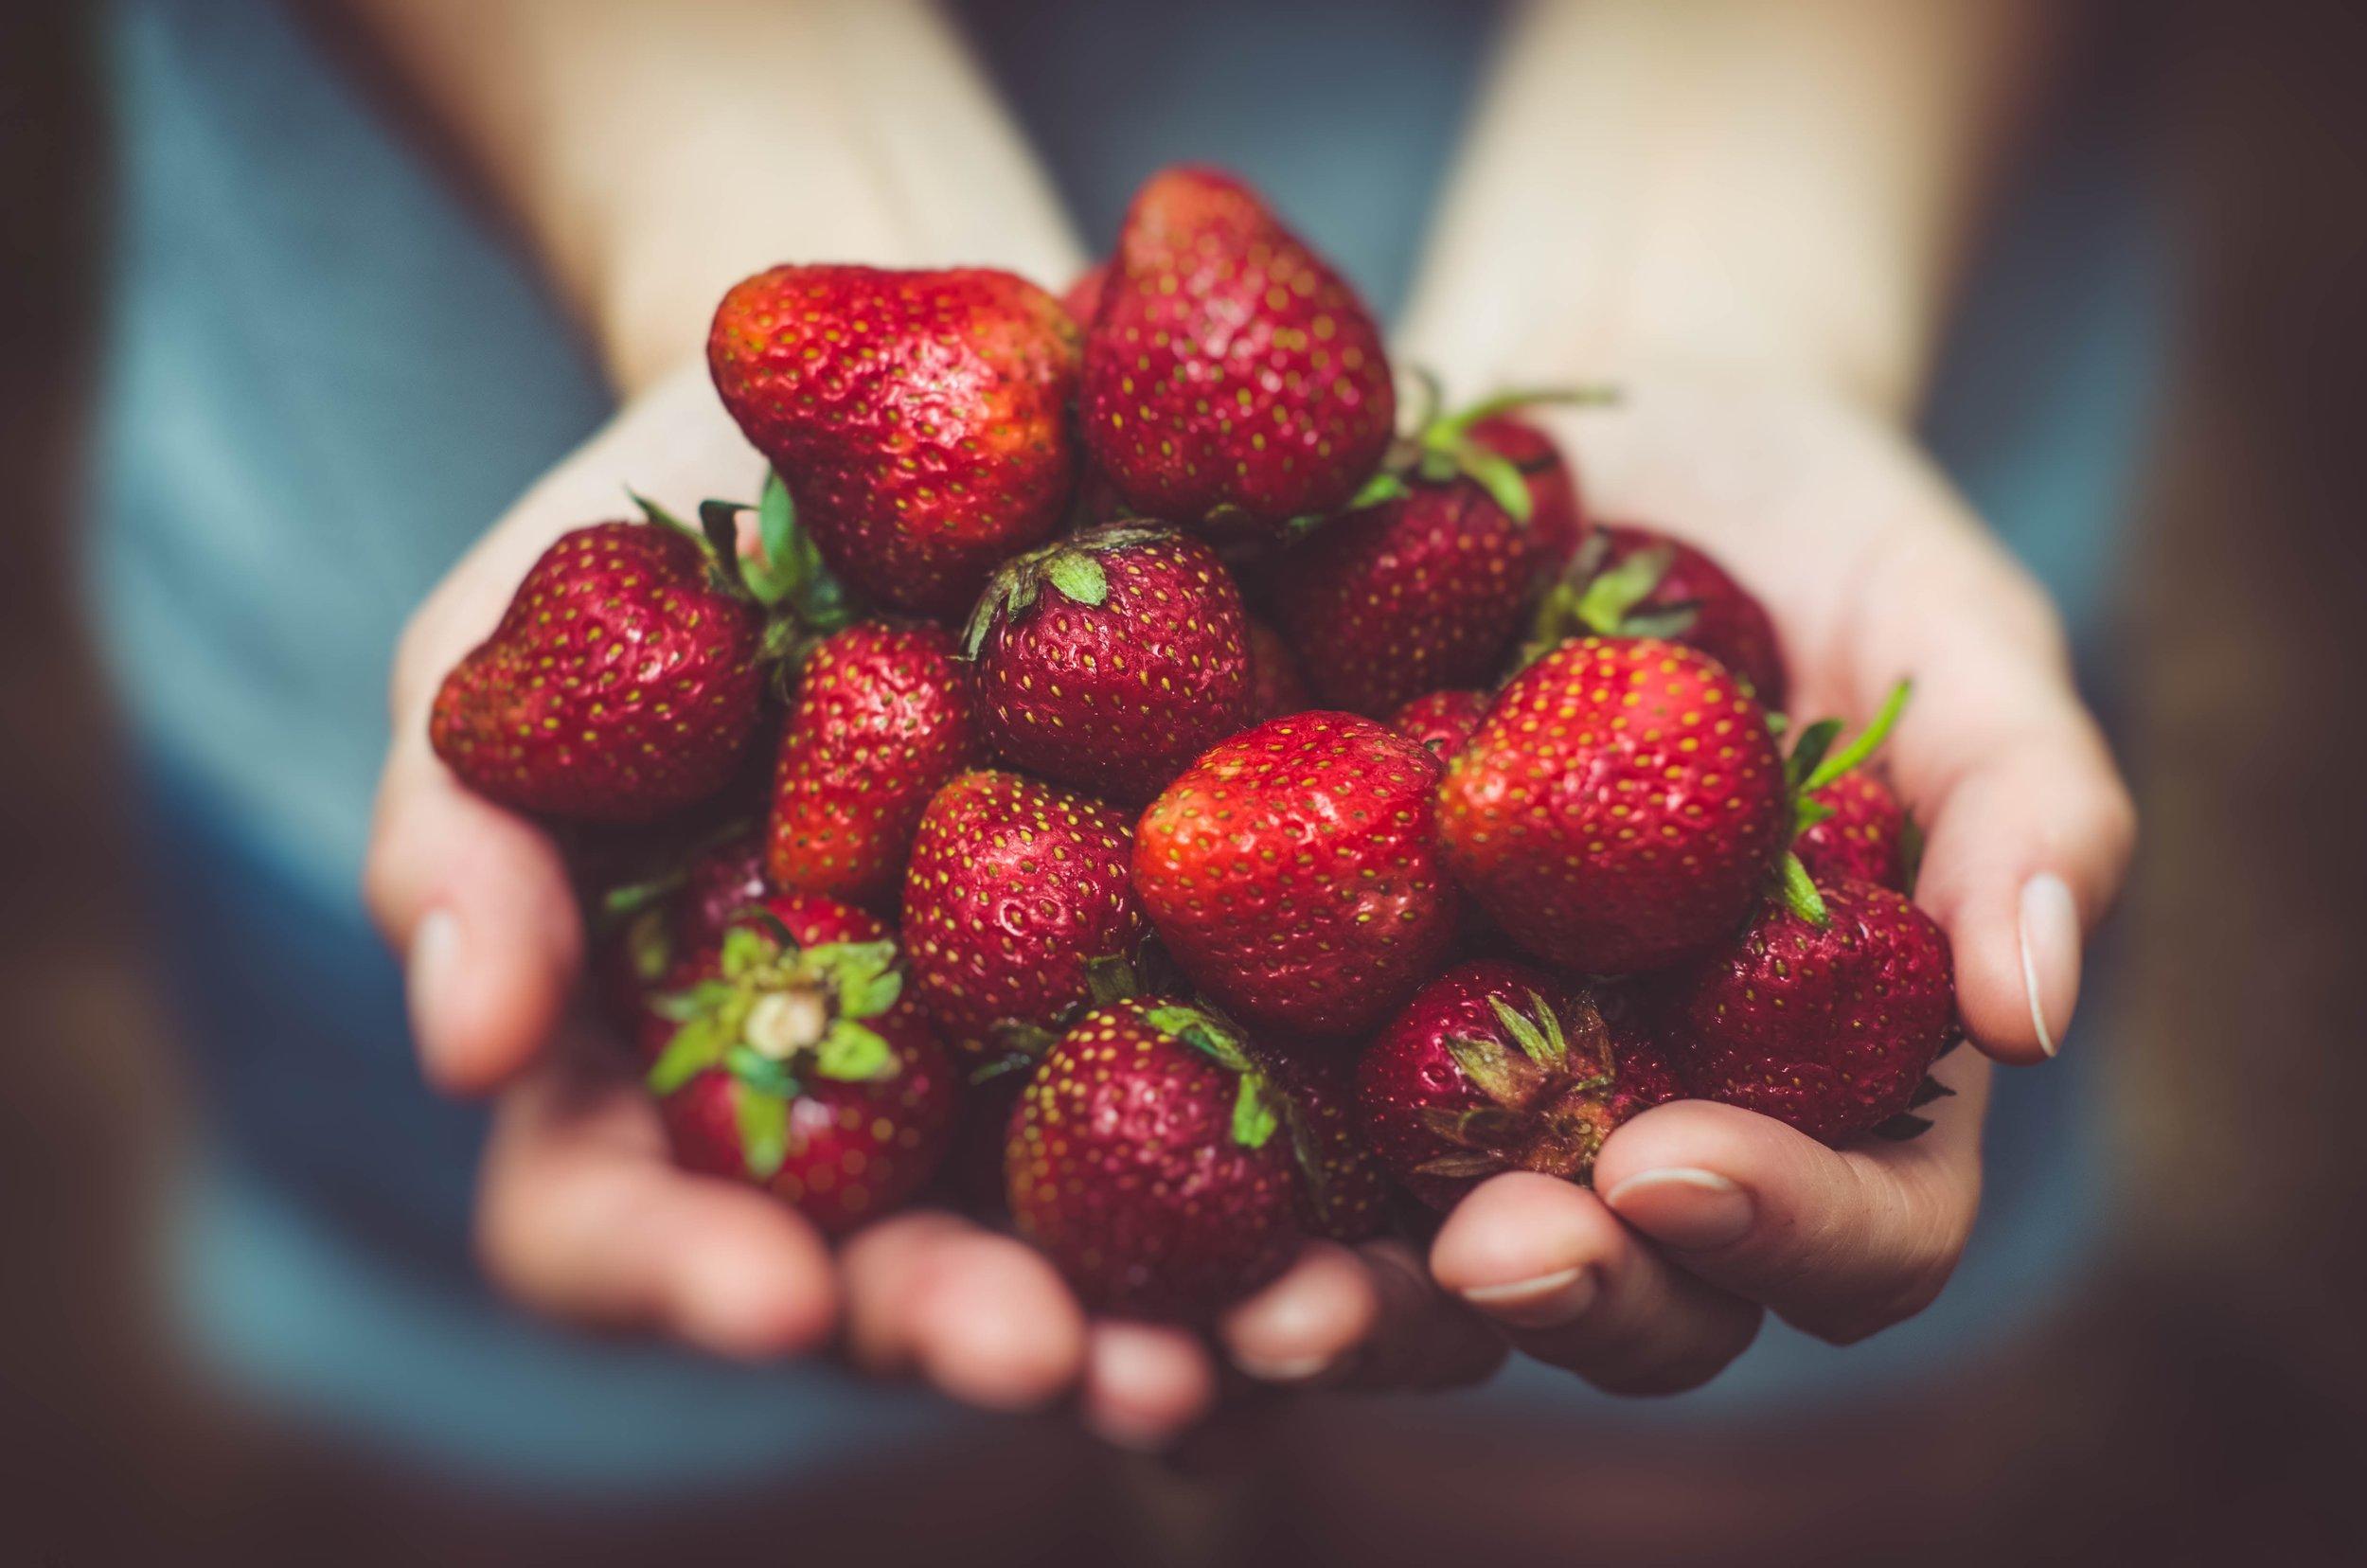 1. Strawberries -